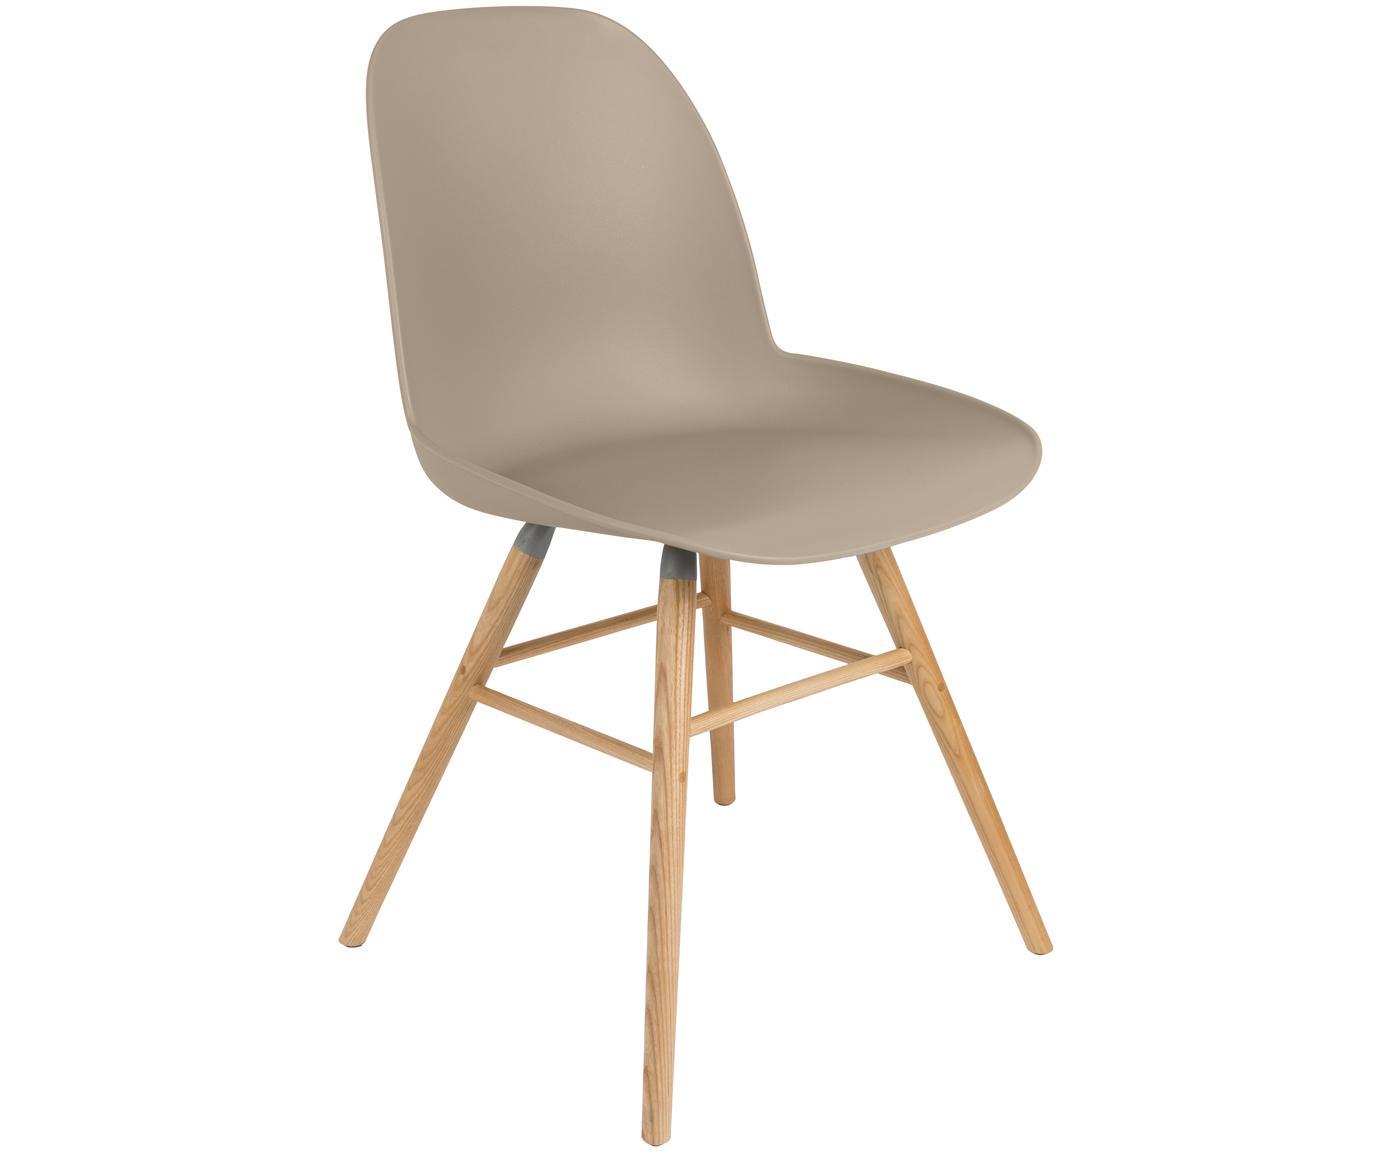 Kunststoffstuhl Albert Kuip mit Holzbeinen, Sitzfläche: 100% Polypropylen, Füße: Eschenholz, Taupe, B 49 x T 55 cm